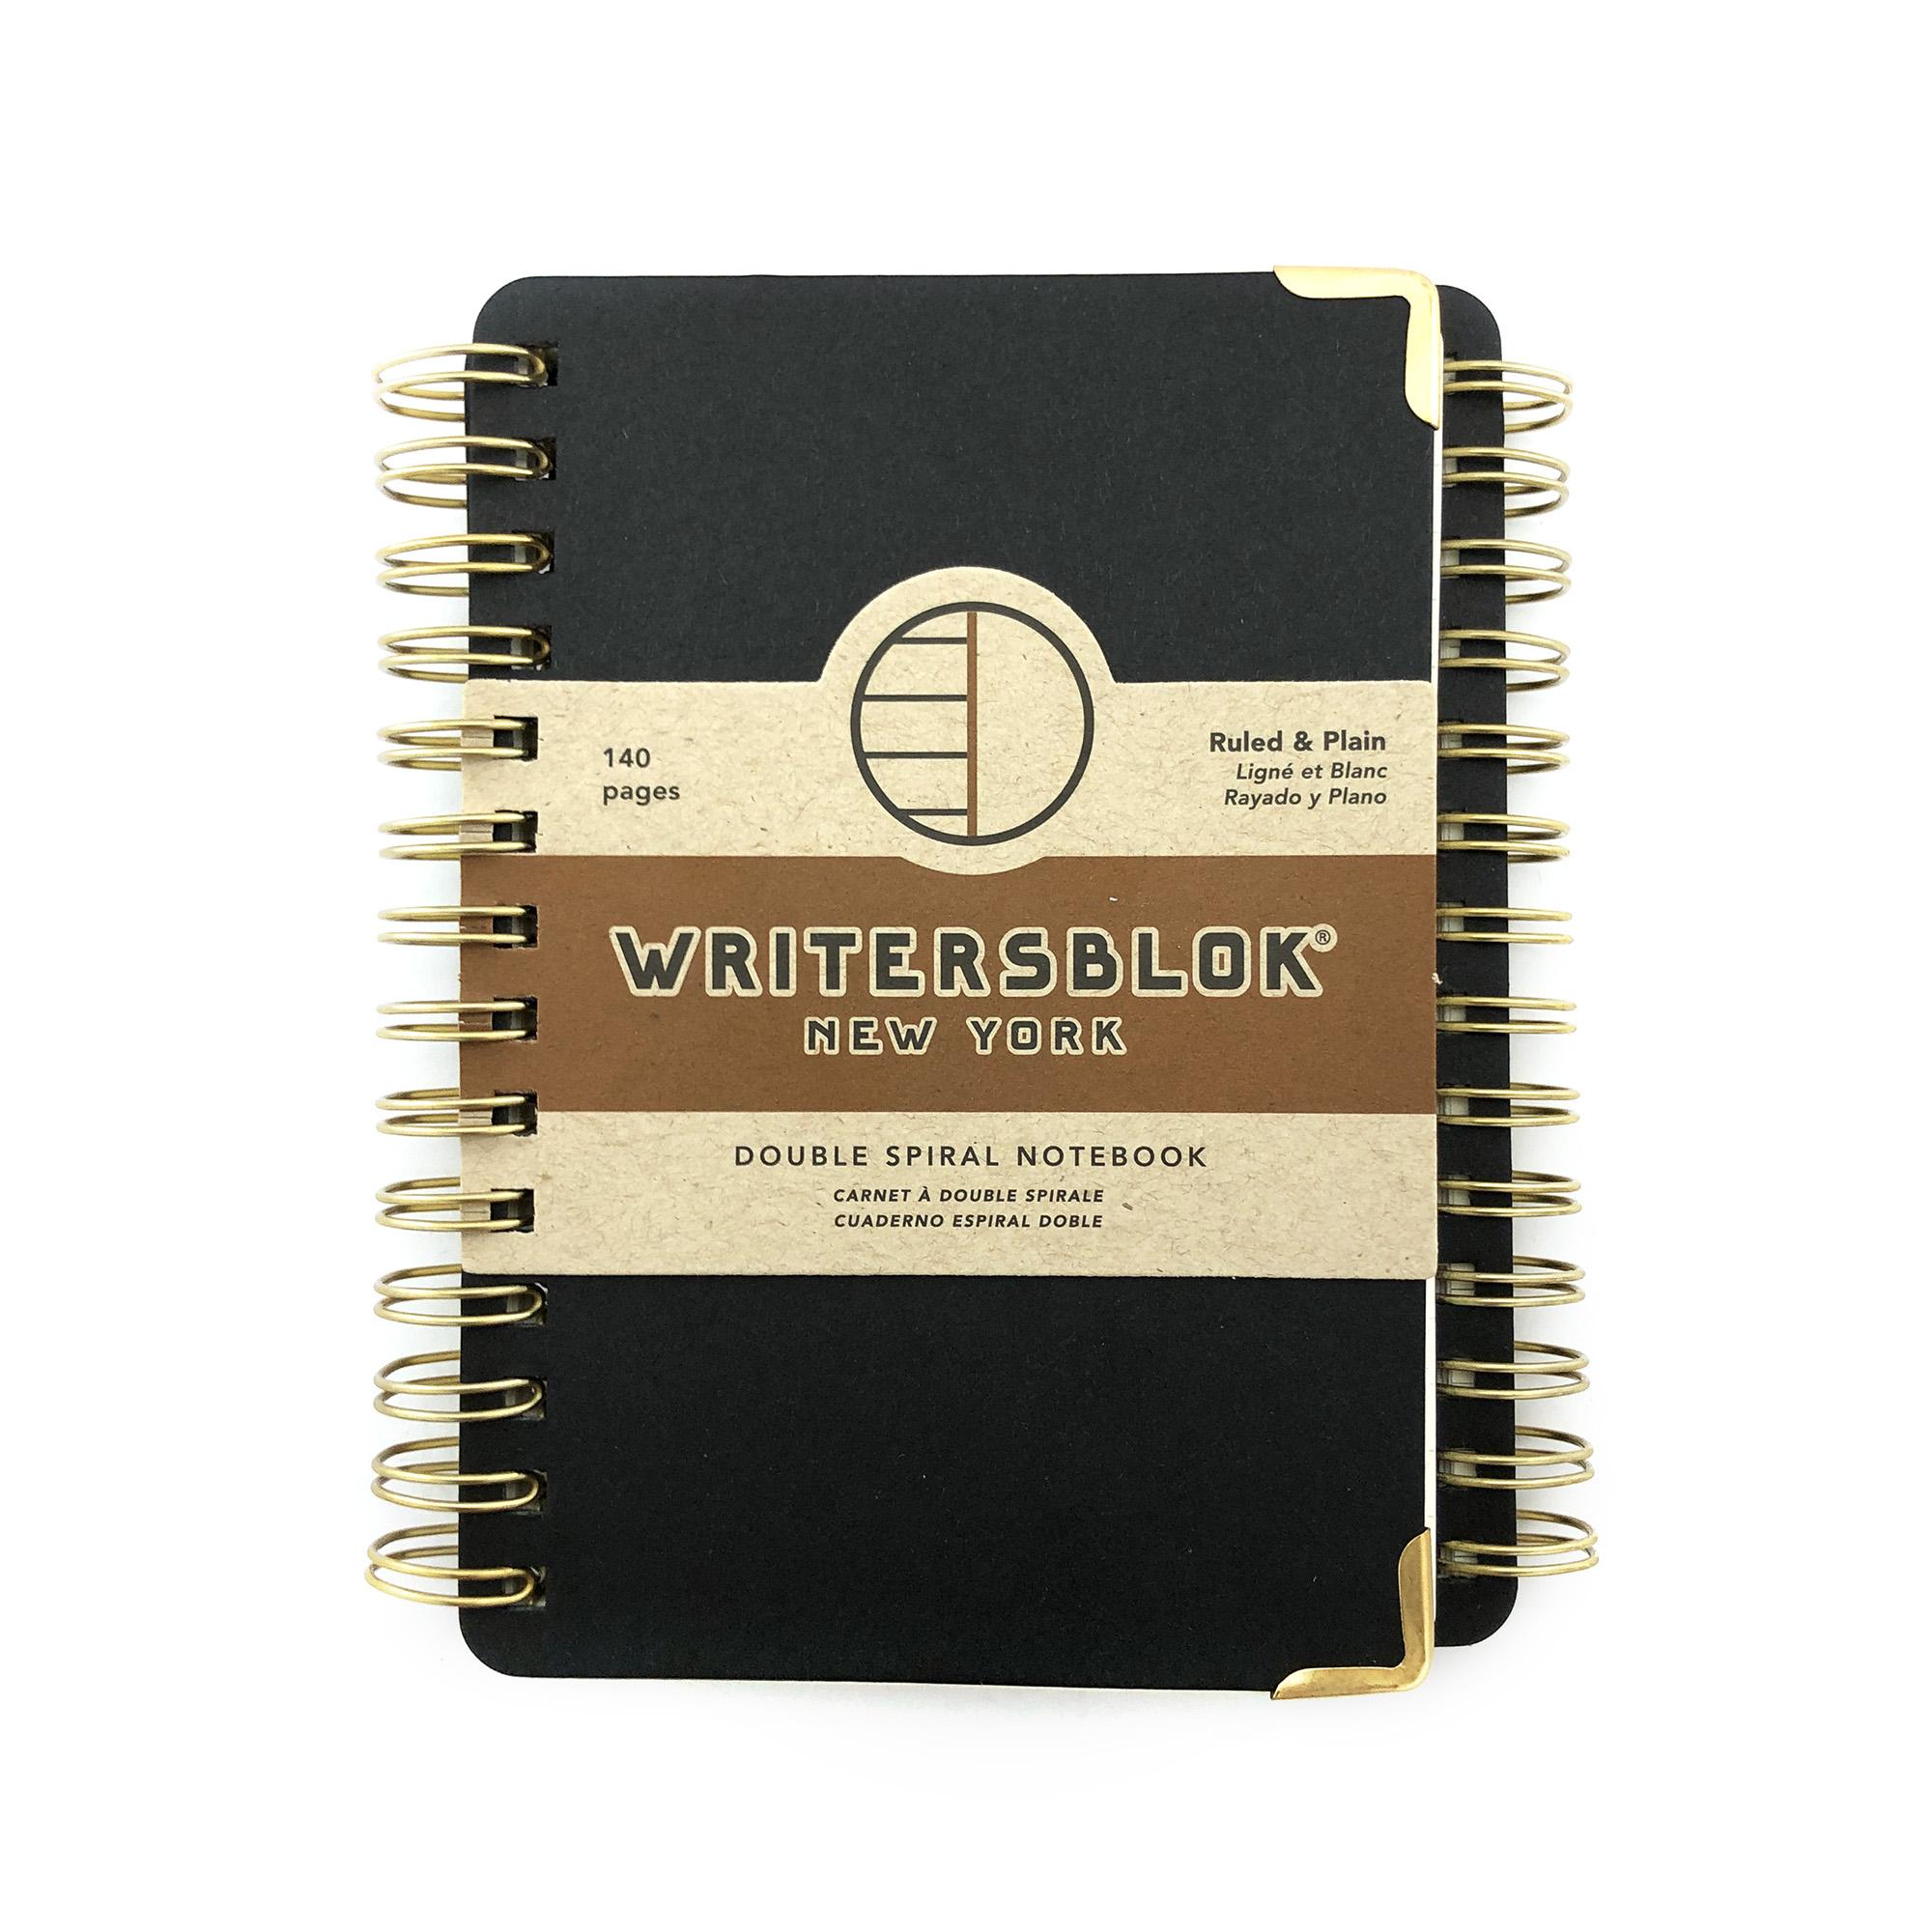 دفتر یادداشت رایترزبلاک مدل WBDBLRP